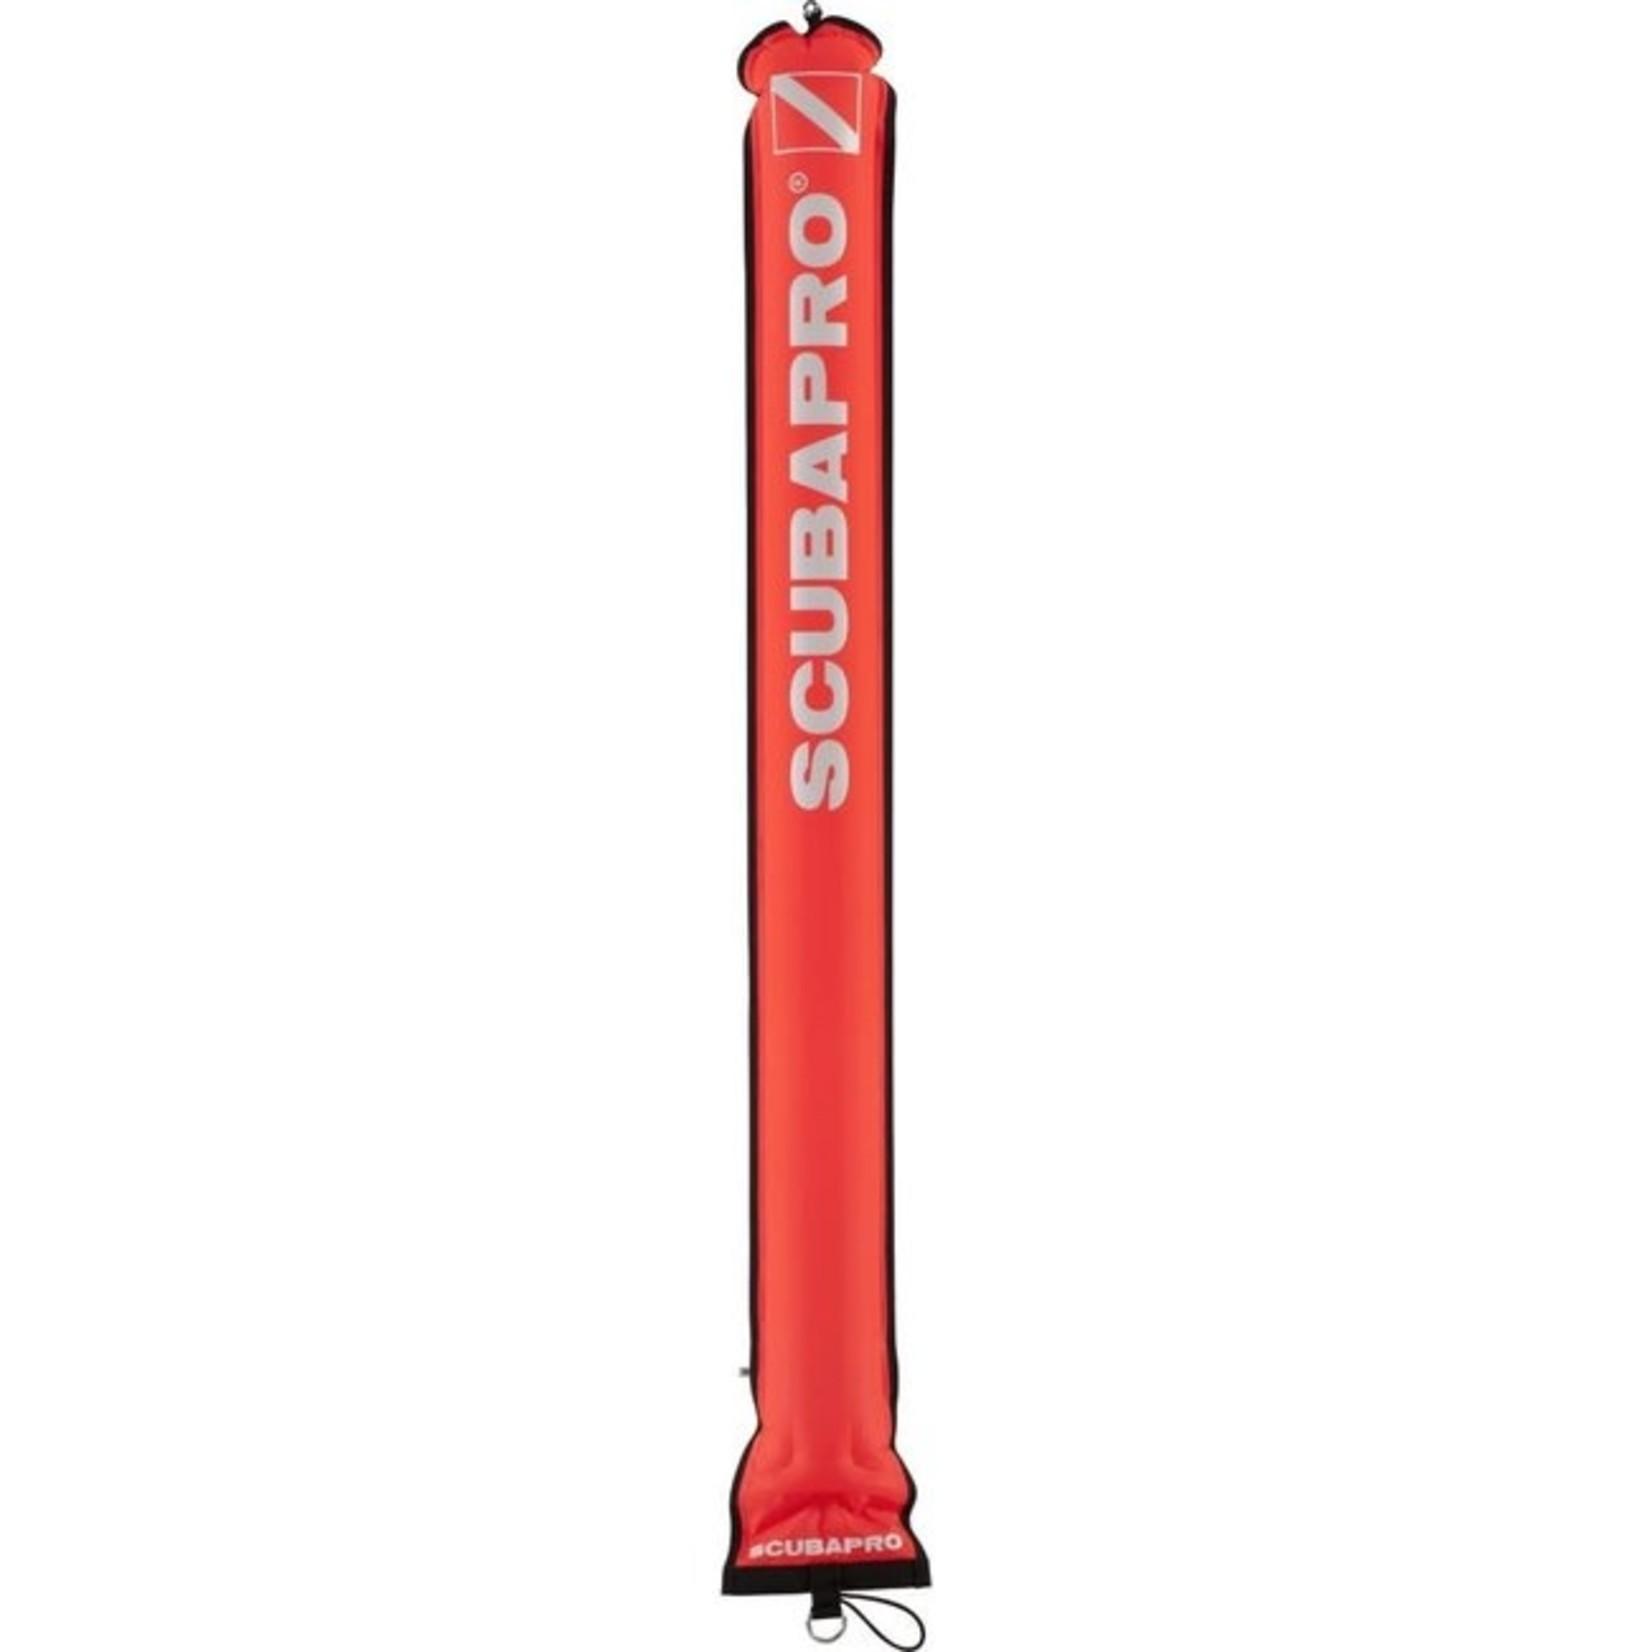 Scubapro SMB 4.5 FT 210D NYLON ORANGE